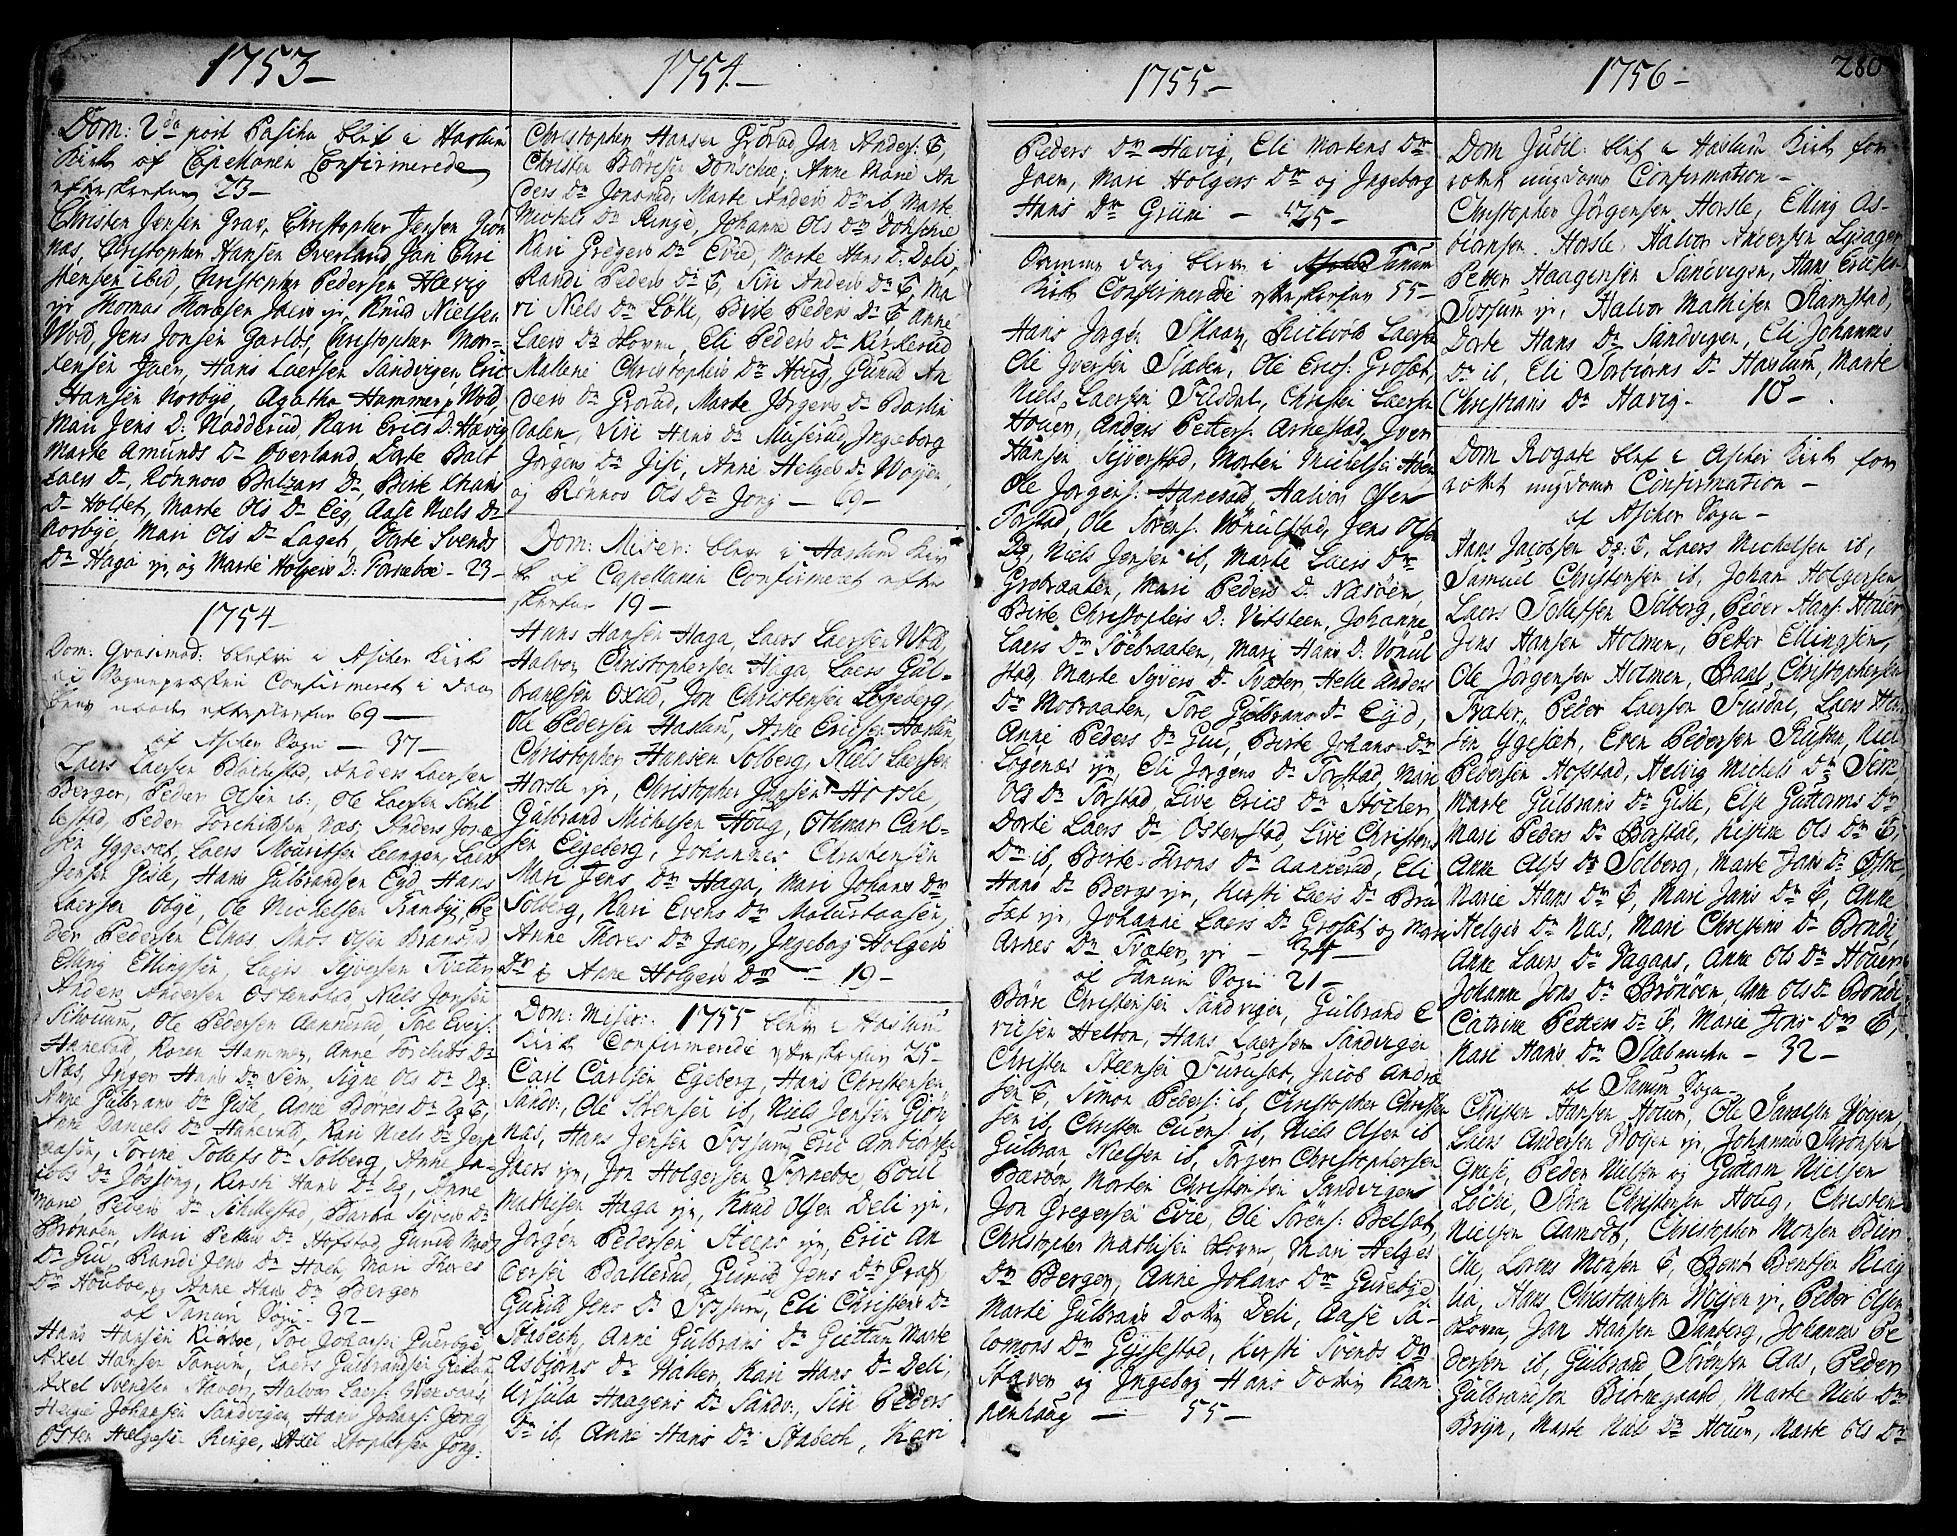 SAO, Asker prestekontor Kirkebøker, F/Fa/L0002: Ministerialbok nr. I 2, 1733-1766, s. 280